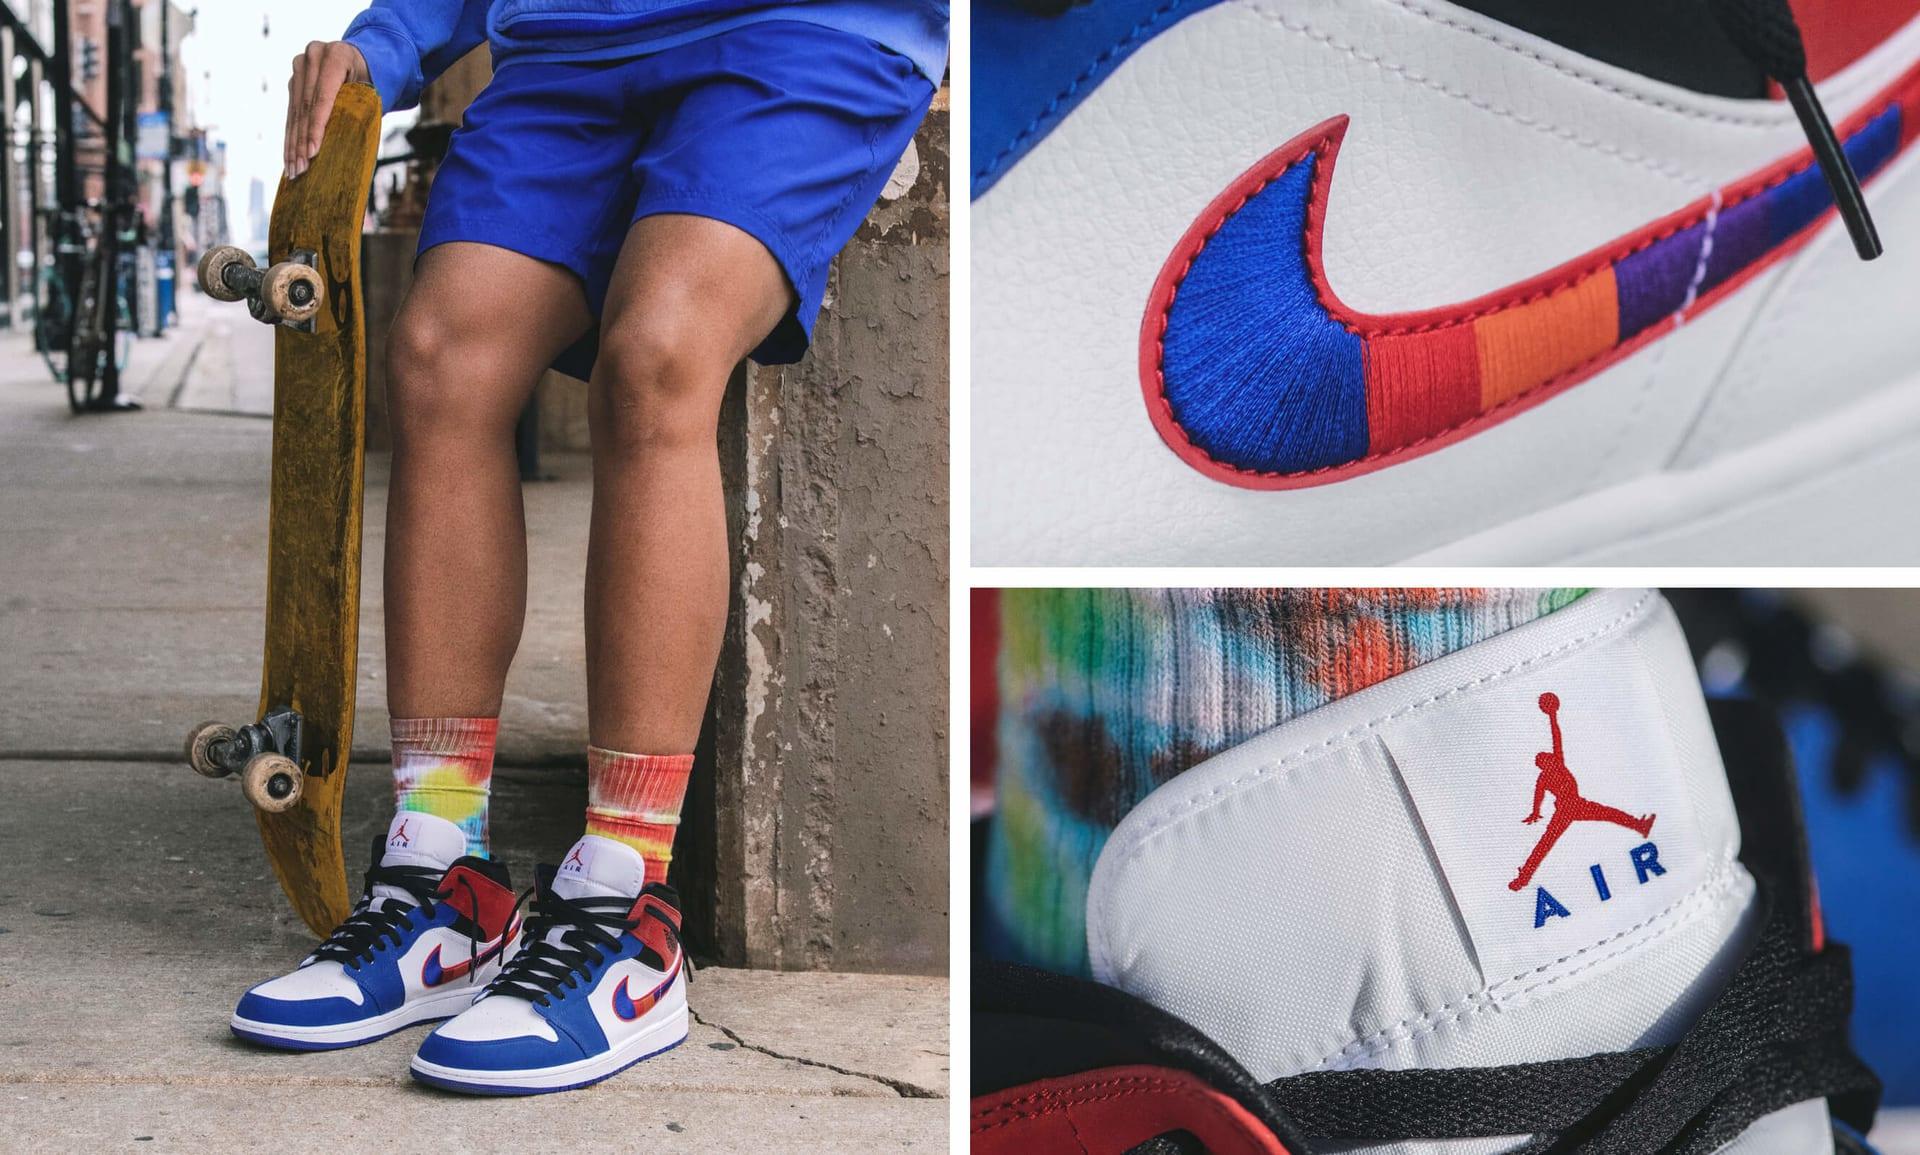 Constituir taza Máquina de recepción  Air Jordan 1 Mid SE Men's Shoe. Nike ID